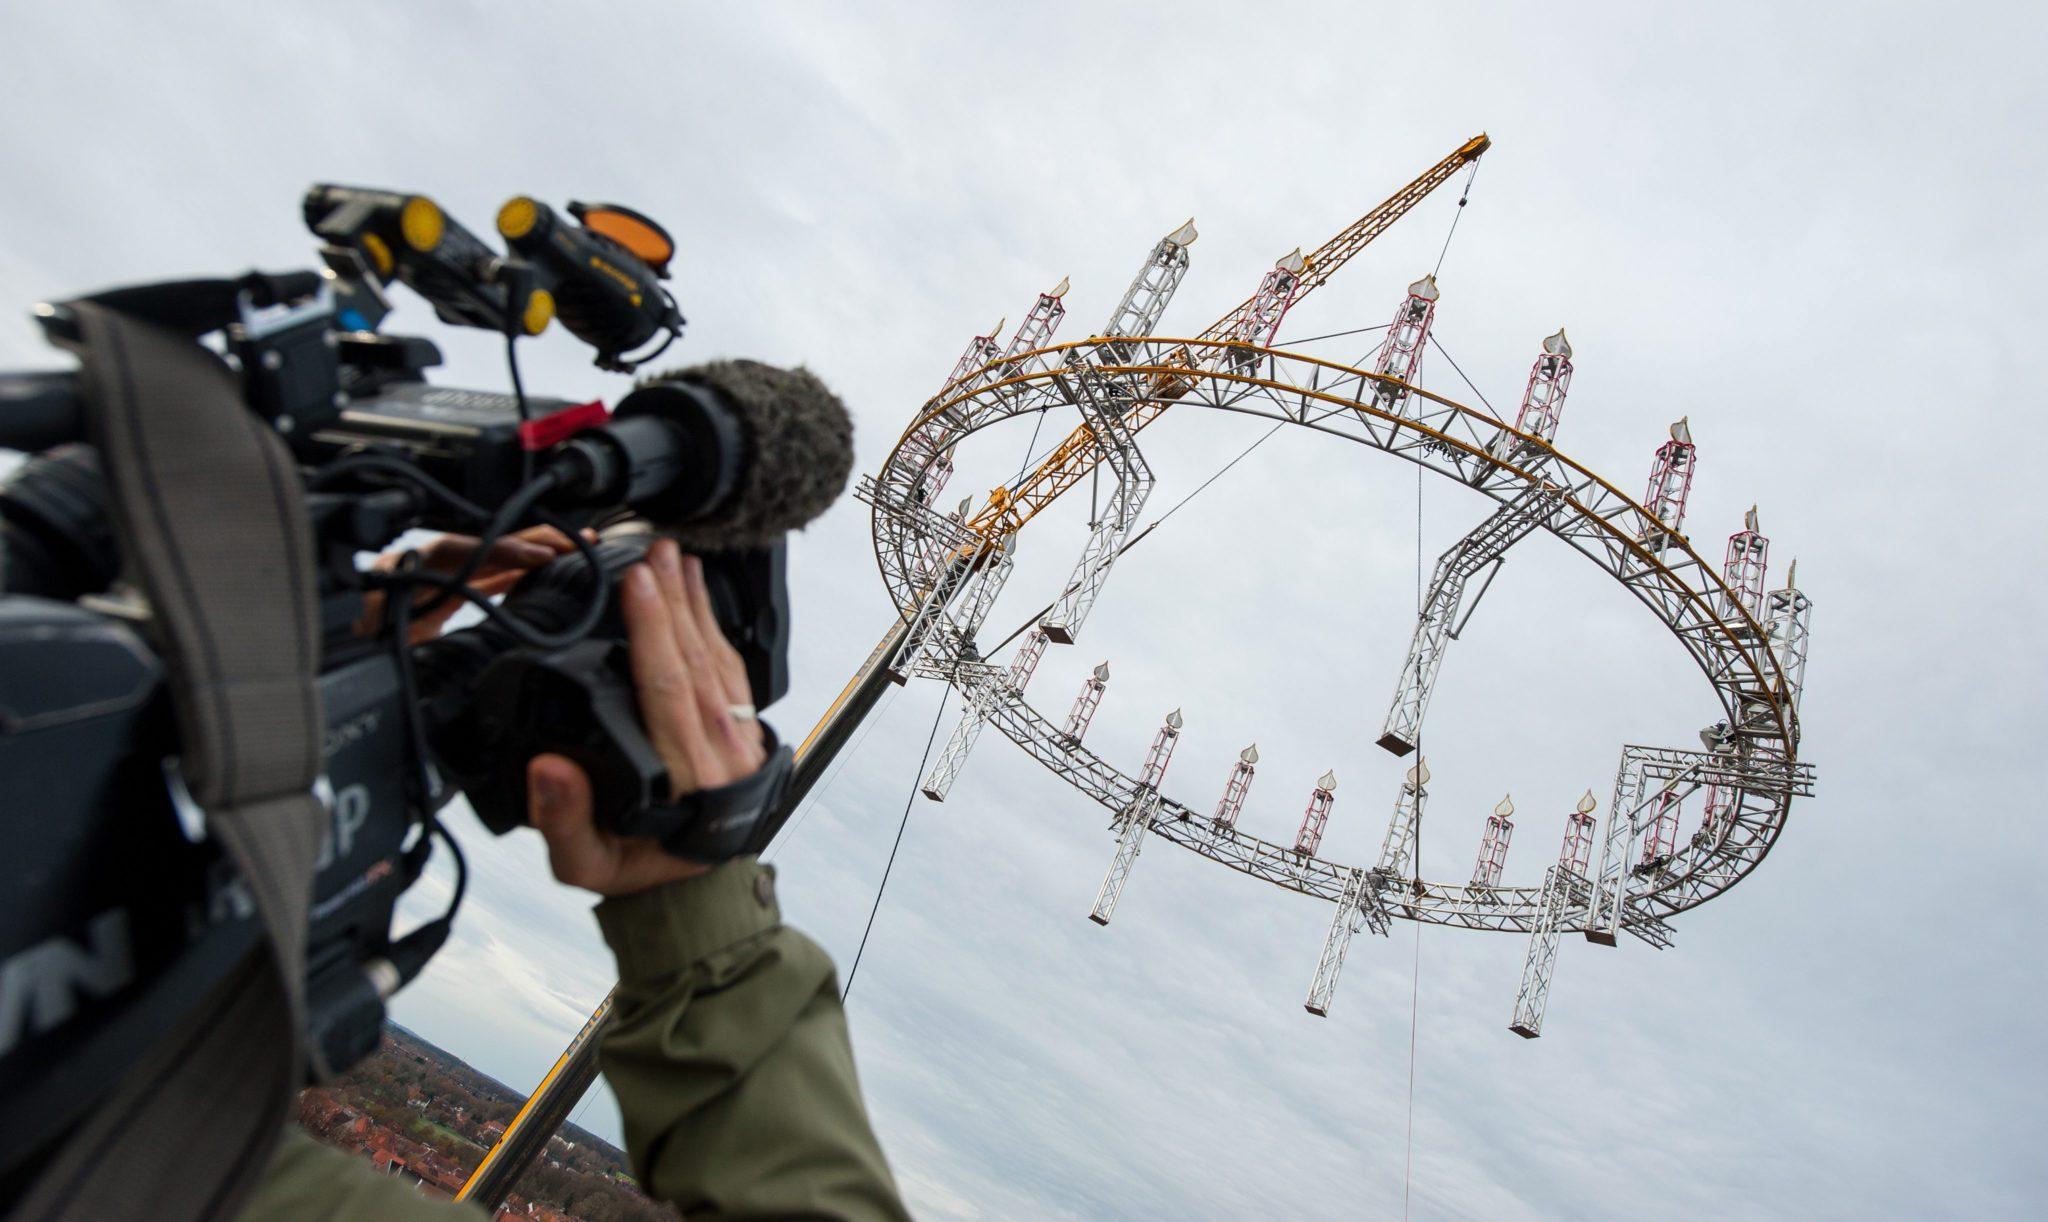 Niemcy: instalacja wieńca adwentowego w Lueneburg (foto. PAP/EPA/PHILIPPSCHULZ)